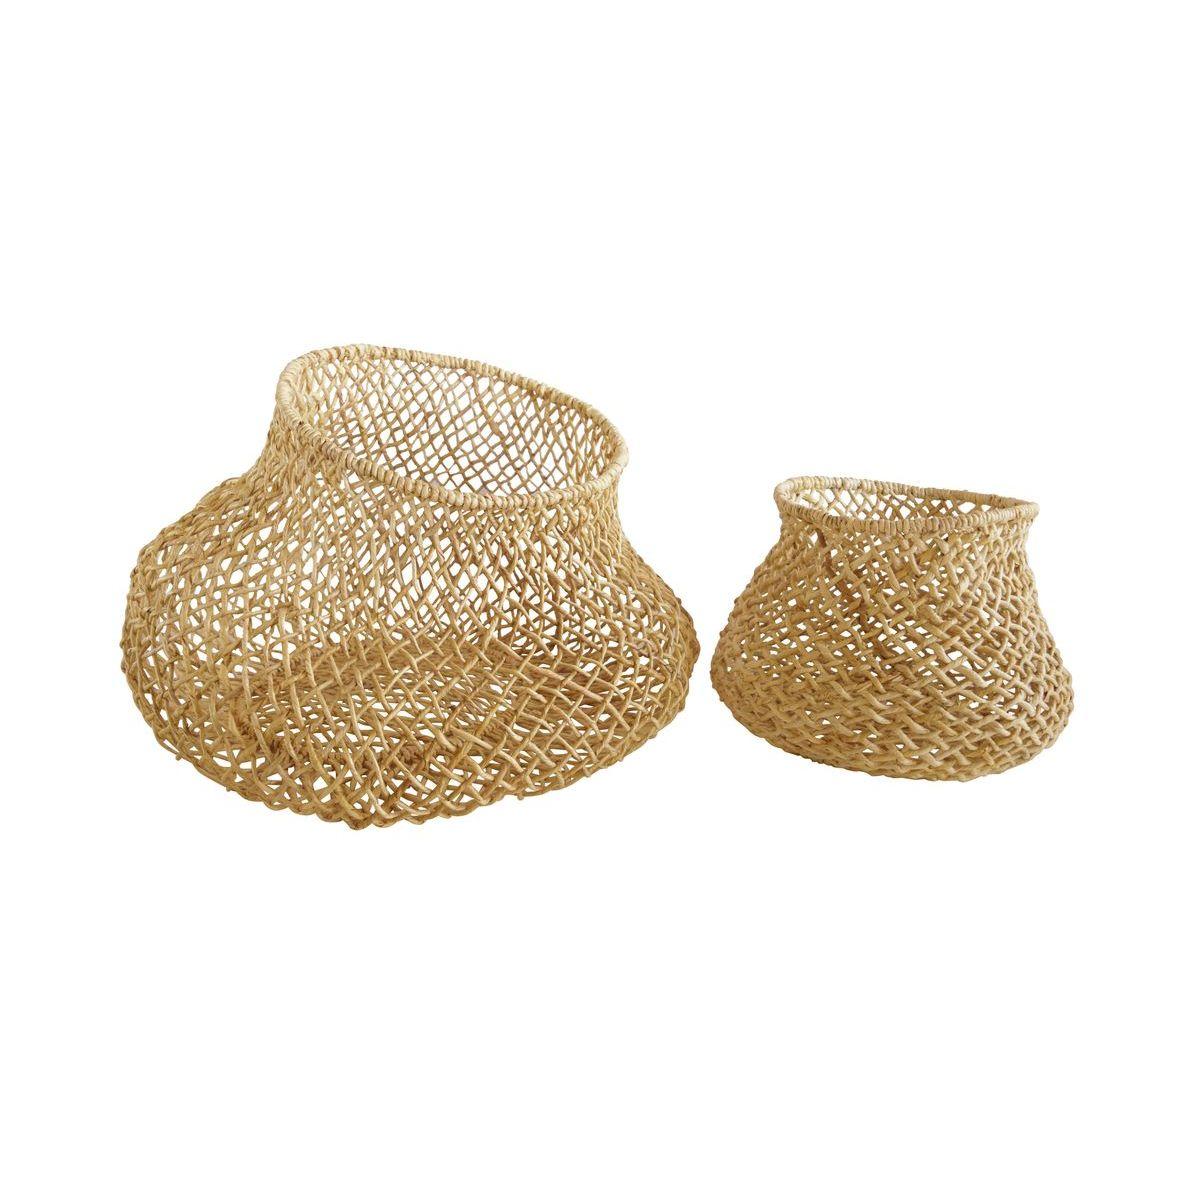 Lot de 2 paniers/cache-pots en fibre d'abaca